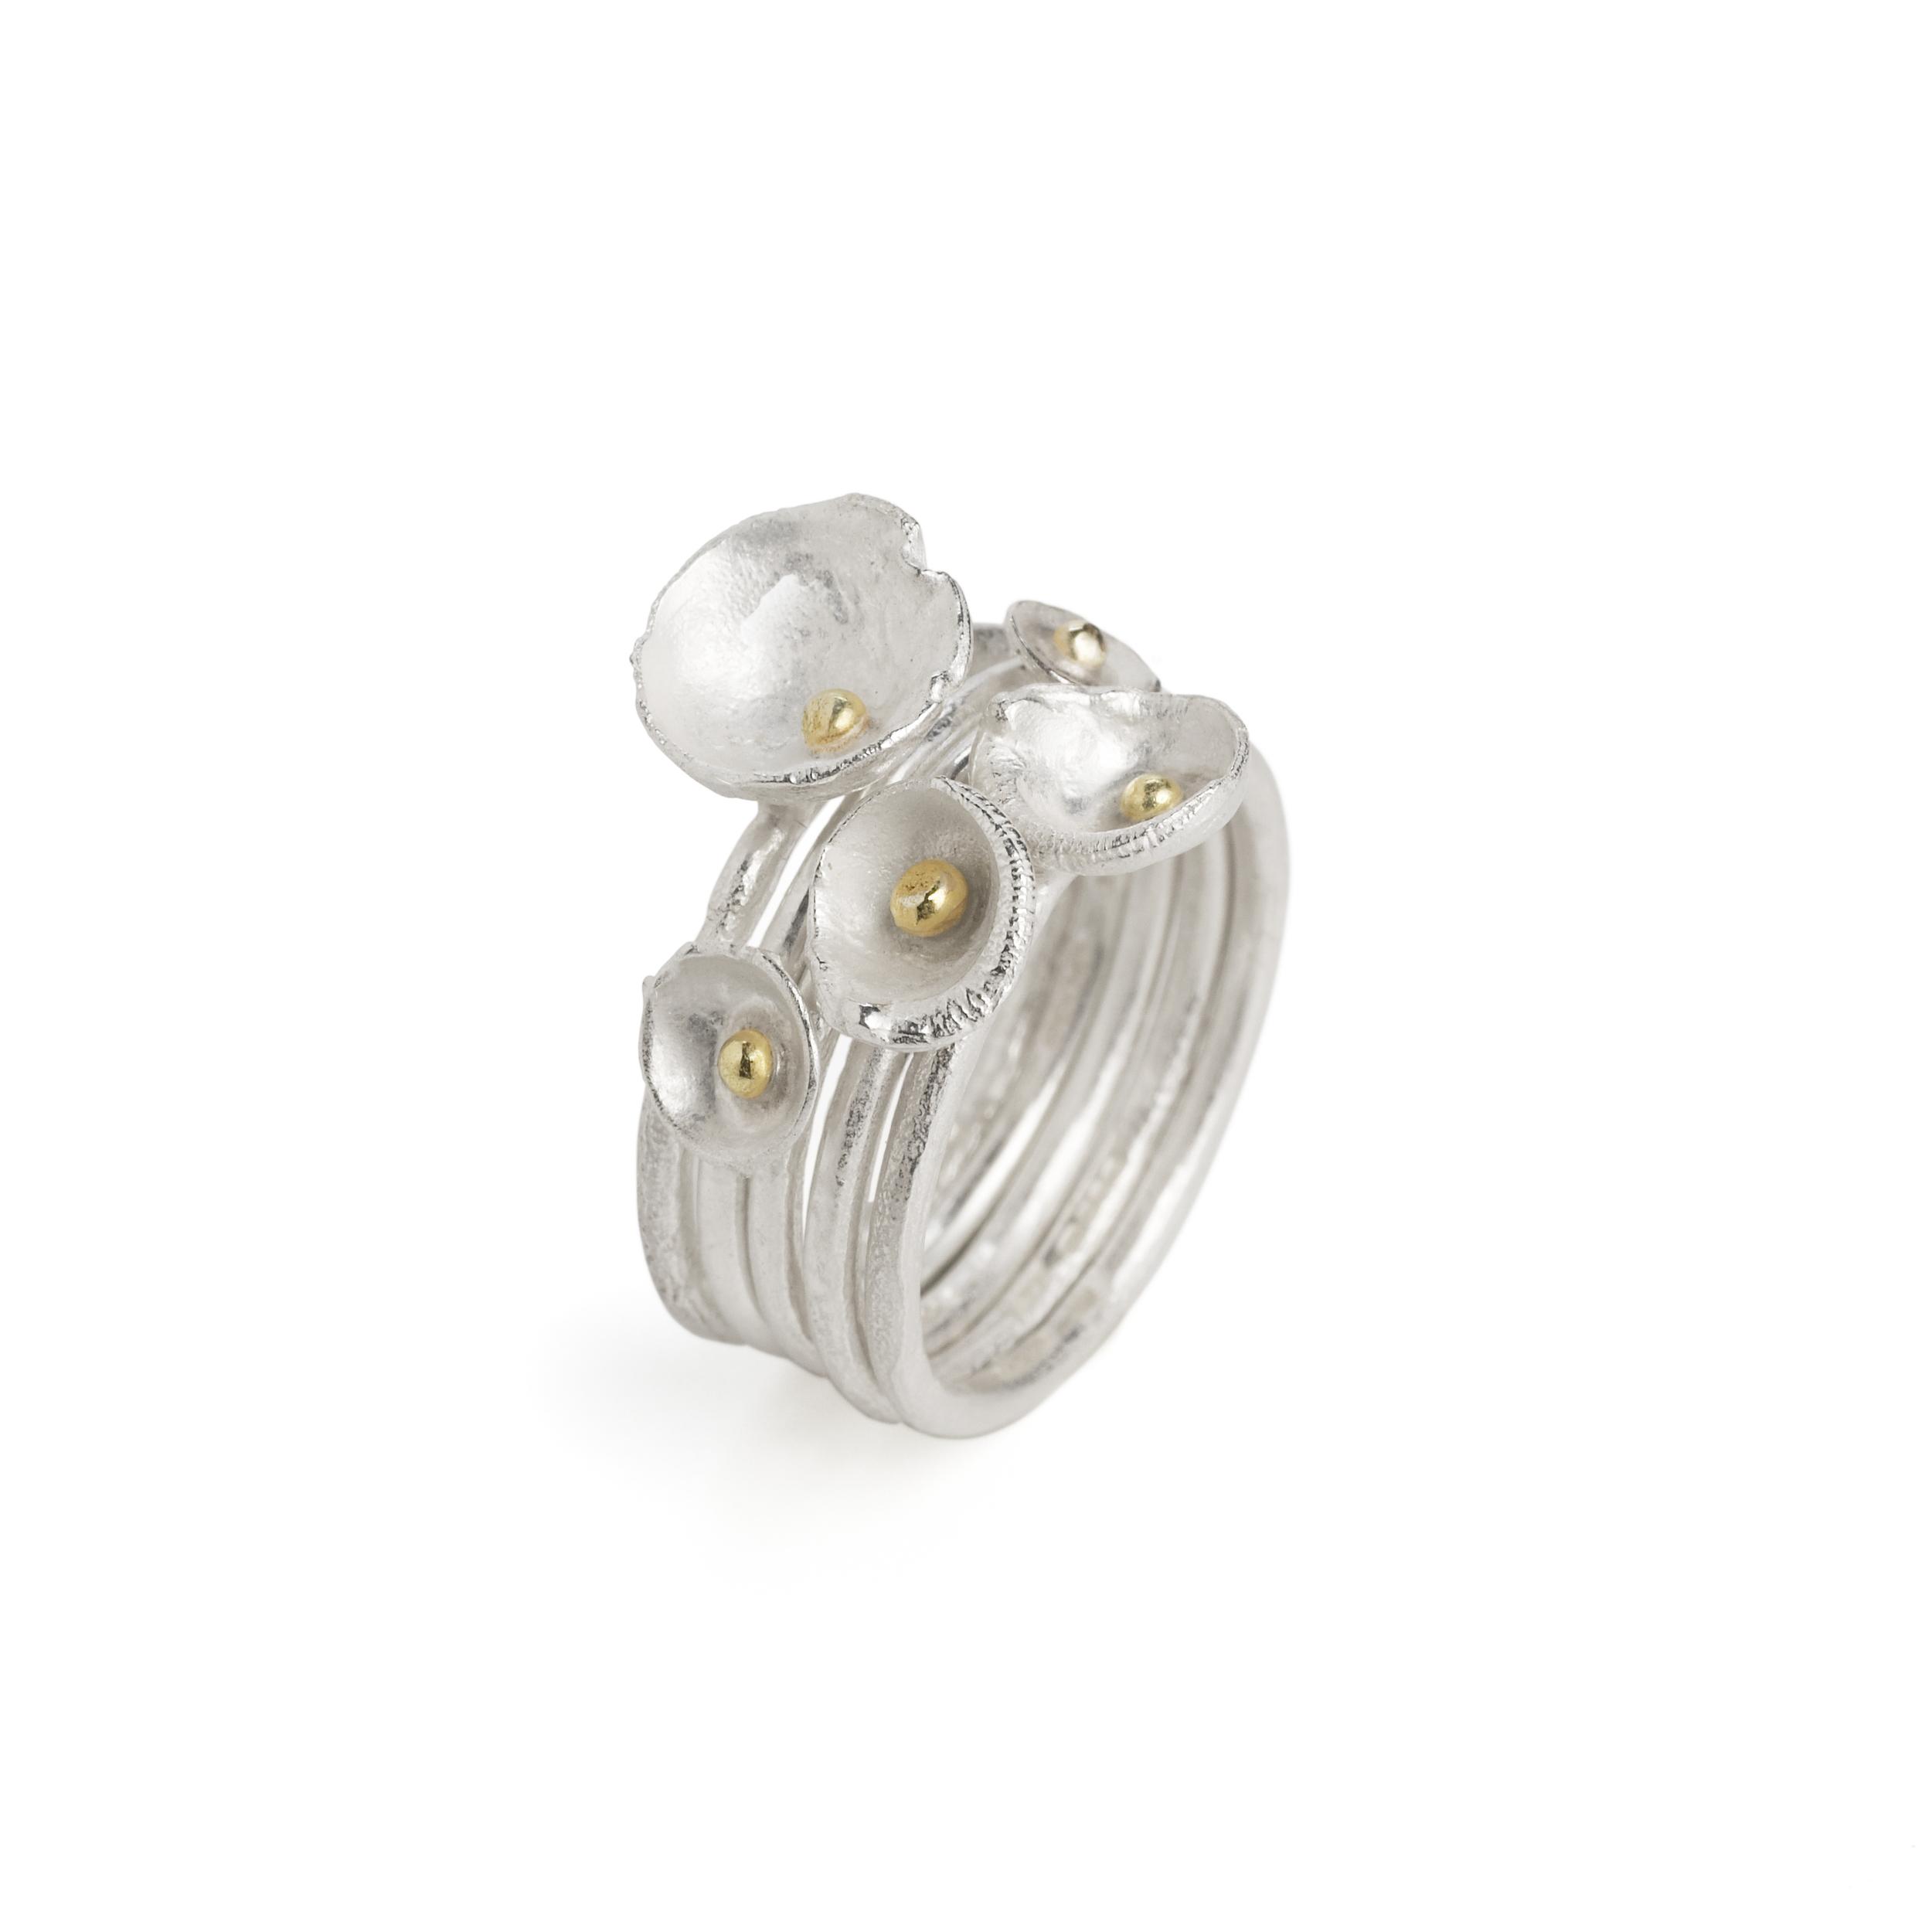 Shimara Carlow set 5 xs acorn rings.jpg